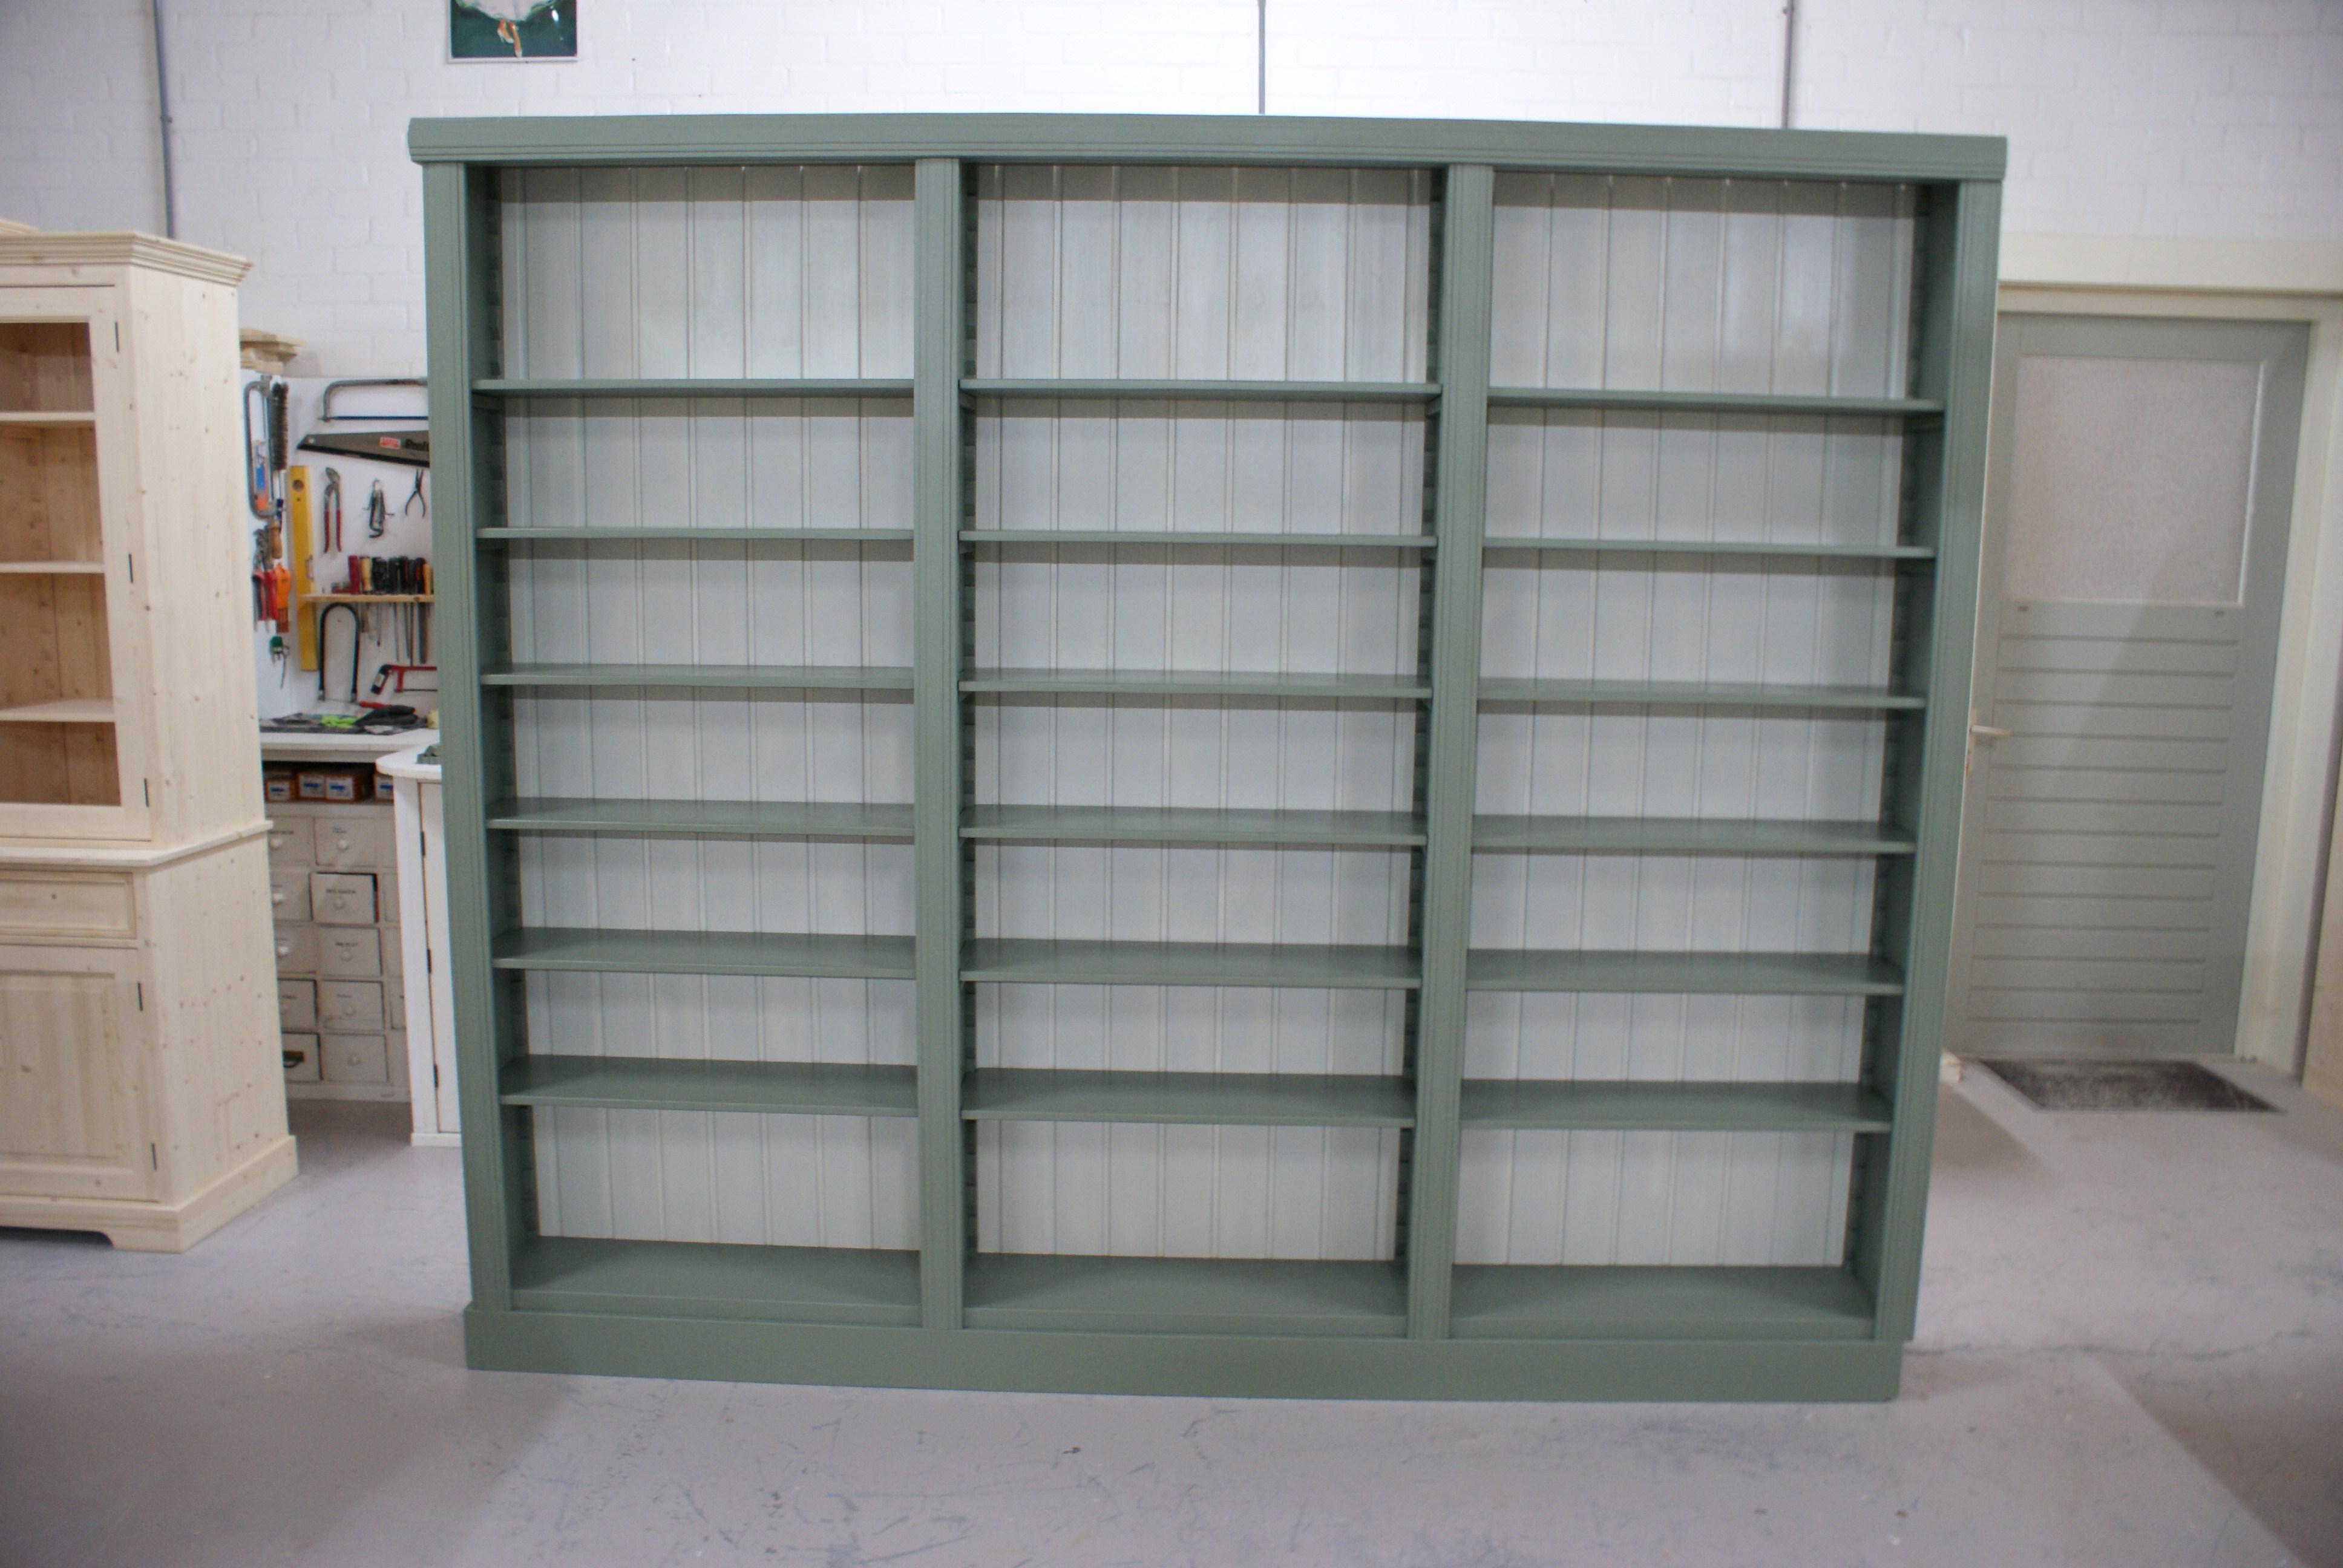 Grenen boekenkast nodig? Boekenkasten op maat vindt u hier!